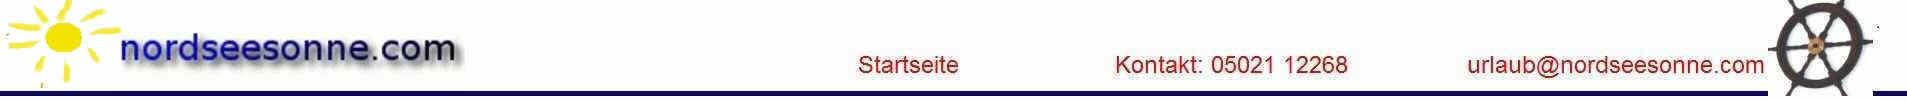 Dorum-Neufeld an der Nordseeküste und andere Urlaubsorte sind mit einem attraktiven Angebot an Unterkünften ausgestattet. Auf der nordseesonne.com gibt es für Dorum-Neufeld und Umgebung auch viele touristische Informationen (Gastronomie, Ausflüge, Sehenswüerdigkeiten). Planen Sie Ihren Urlaub an der Nordsee mit nordseesonne.com